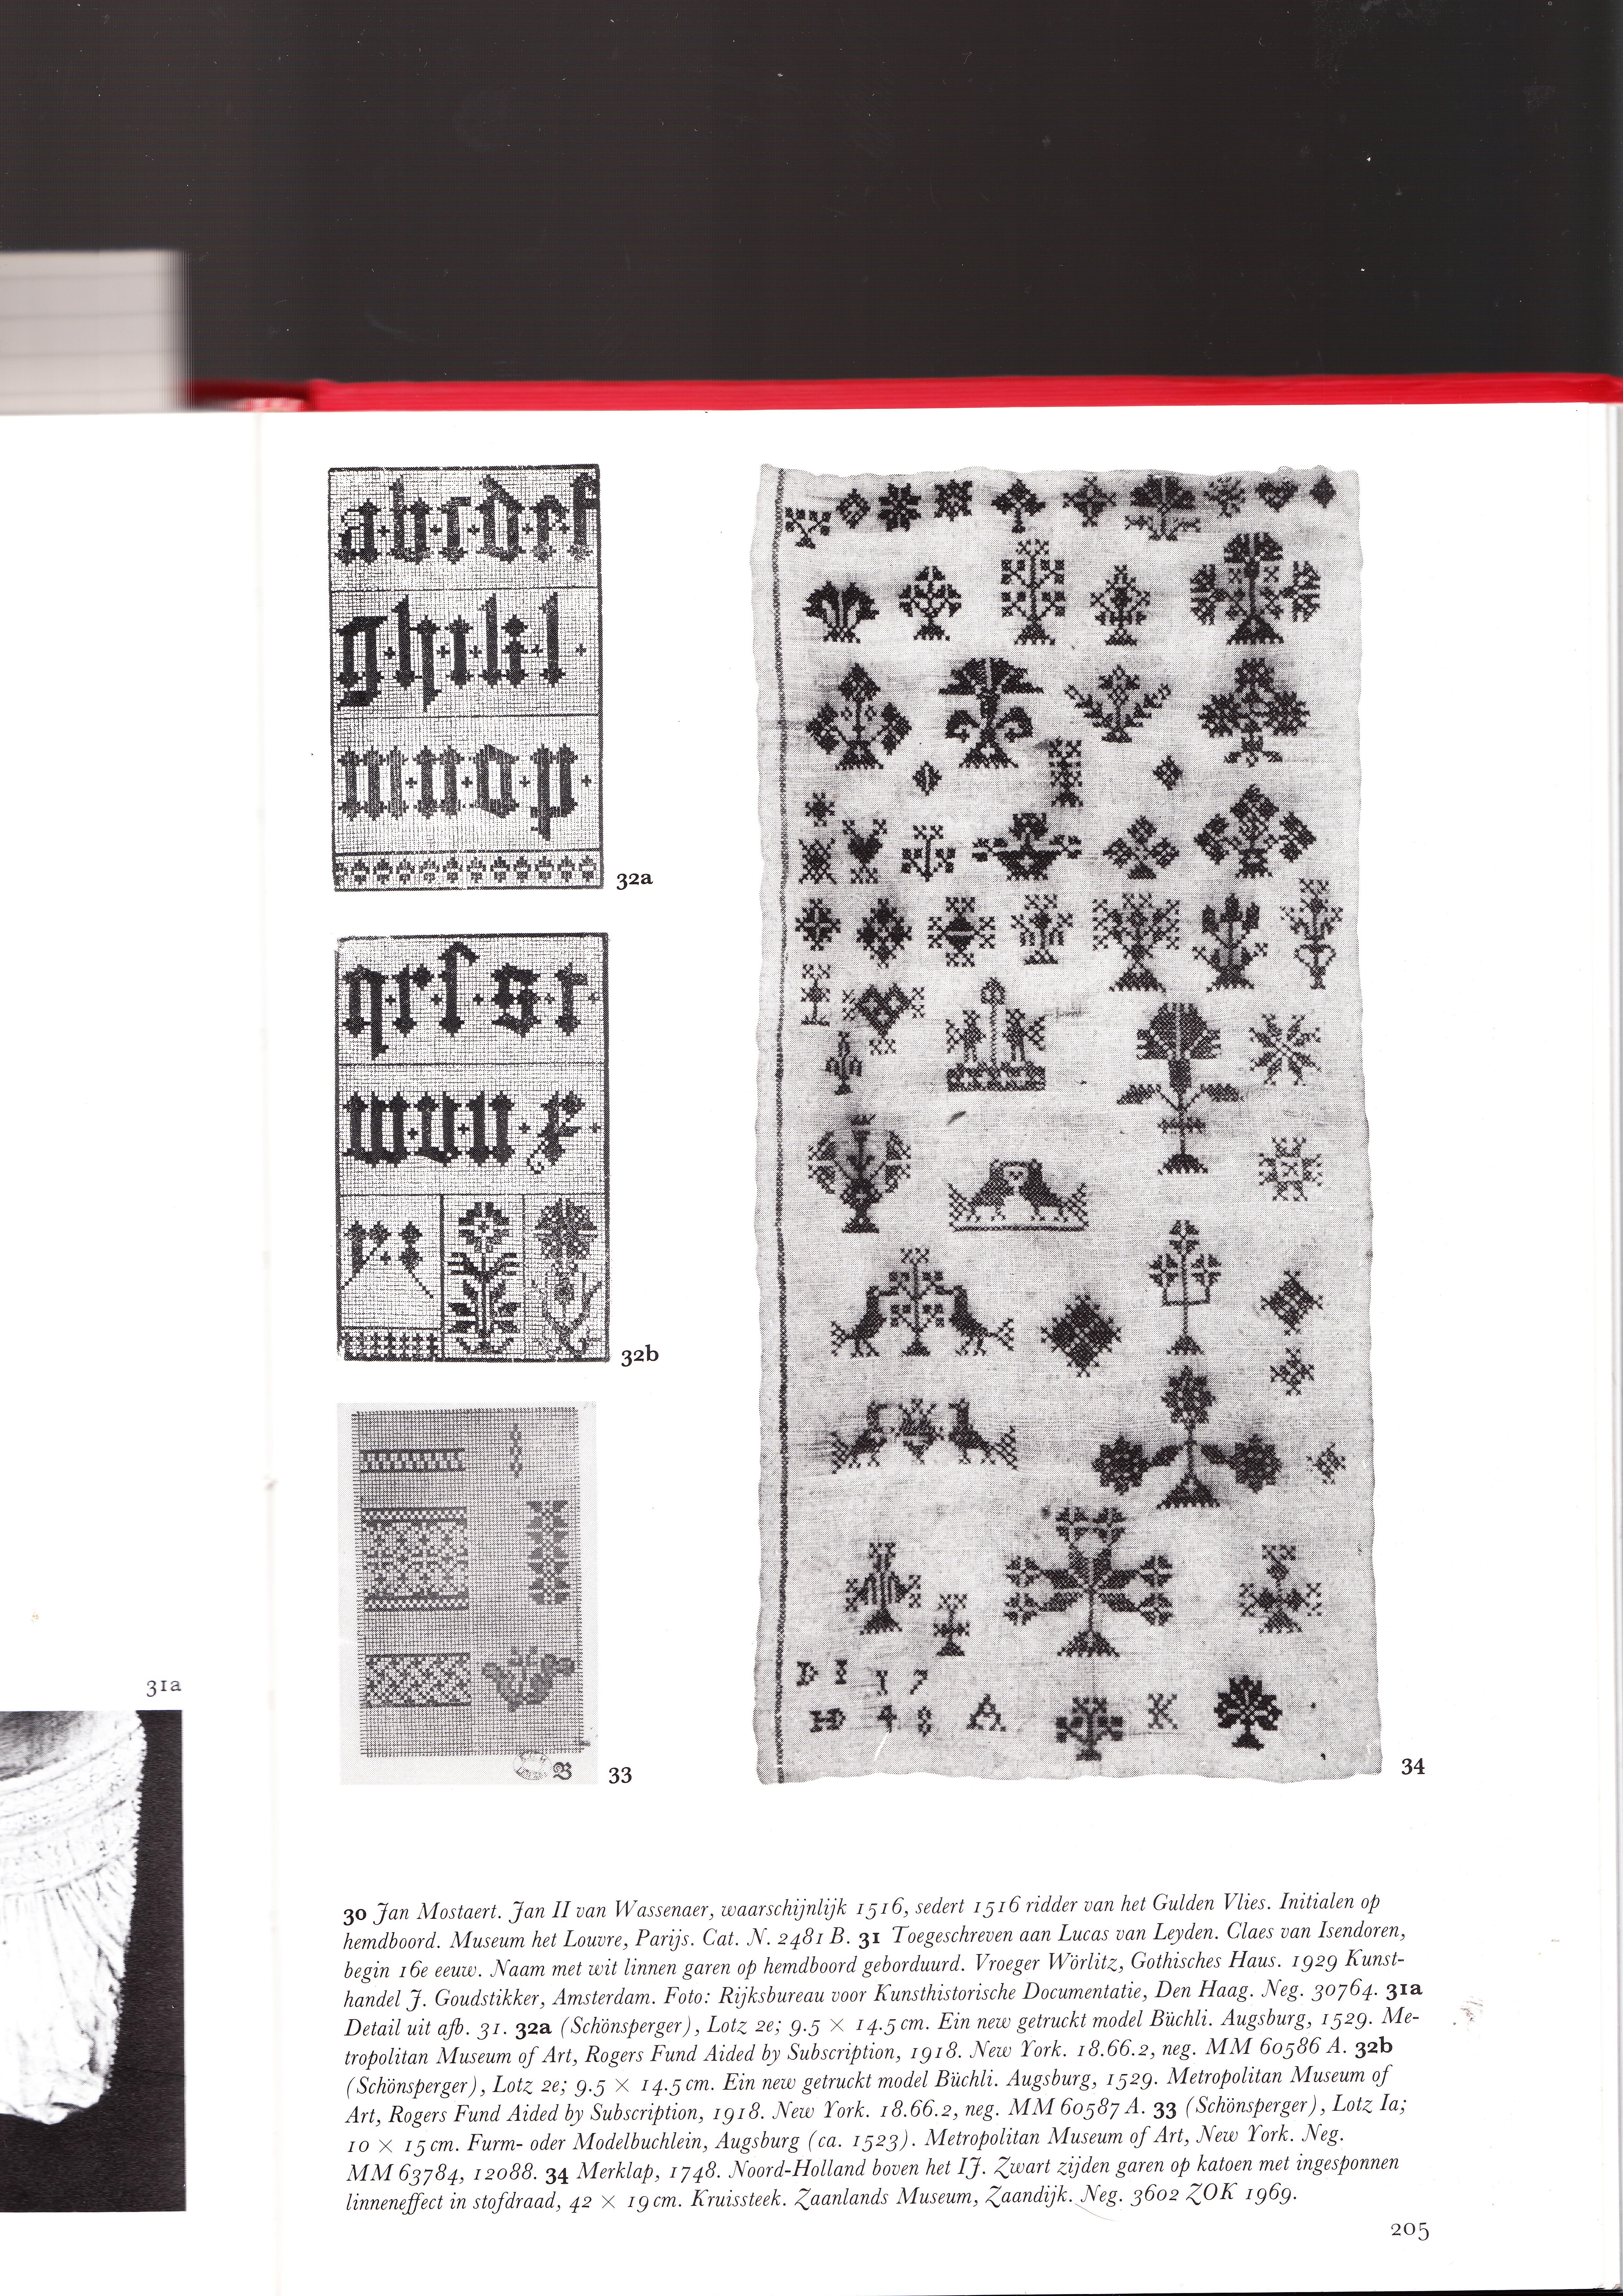 Patroonvoorbeelden 1529